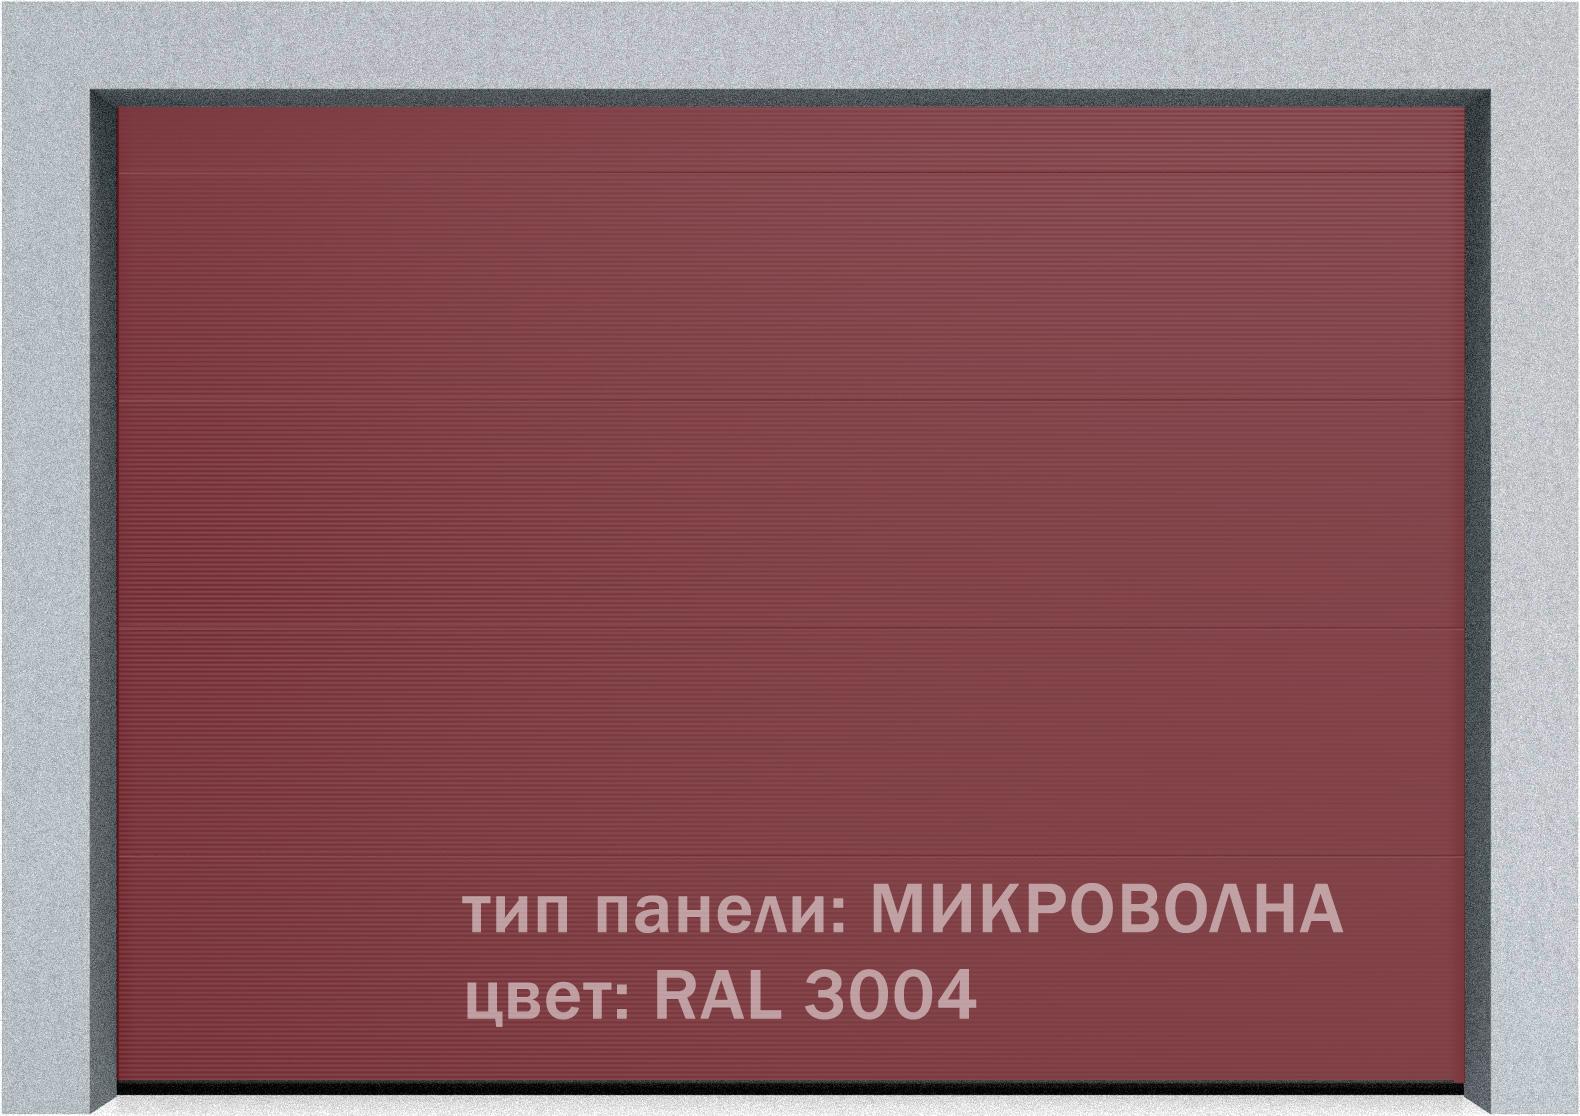 Секционные промышленные ворота Alutech ProTrend 1750х2500 S-гофр, Микроволна стандартные цвета, фото 15